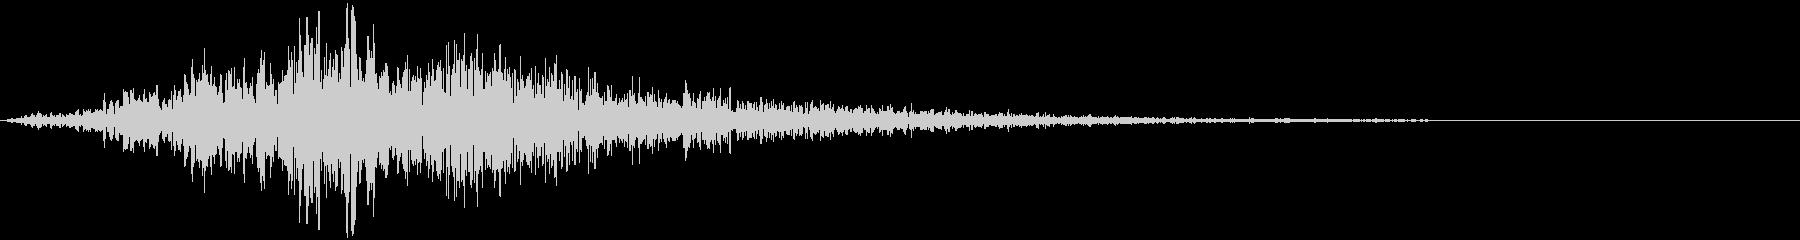 【シネマティック】SFX_02 ブーンッの未再生の波形